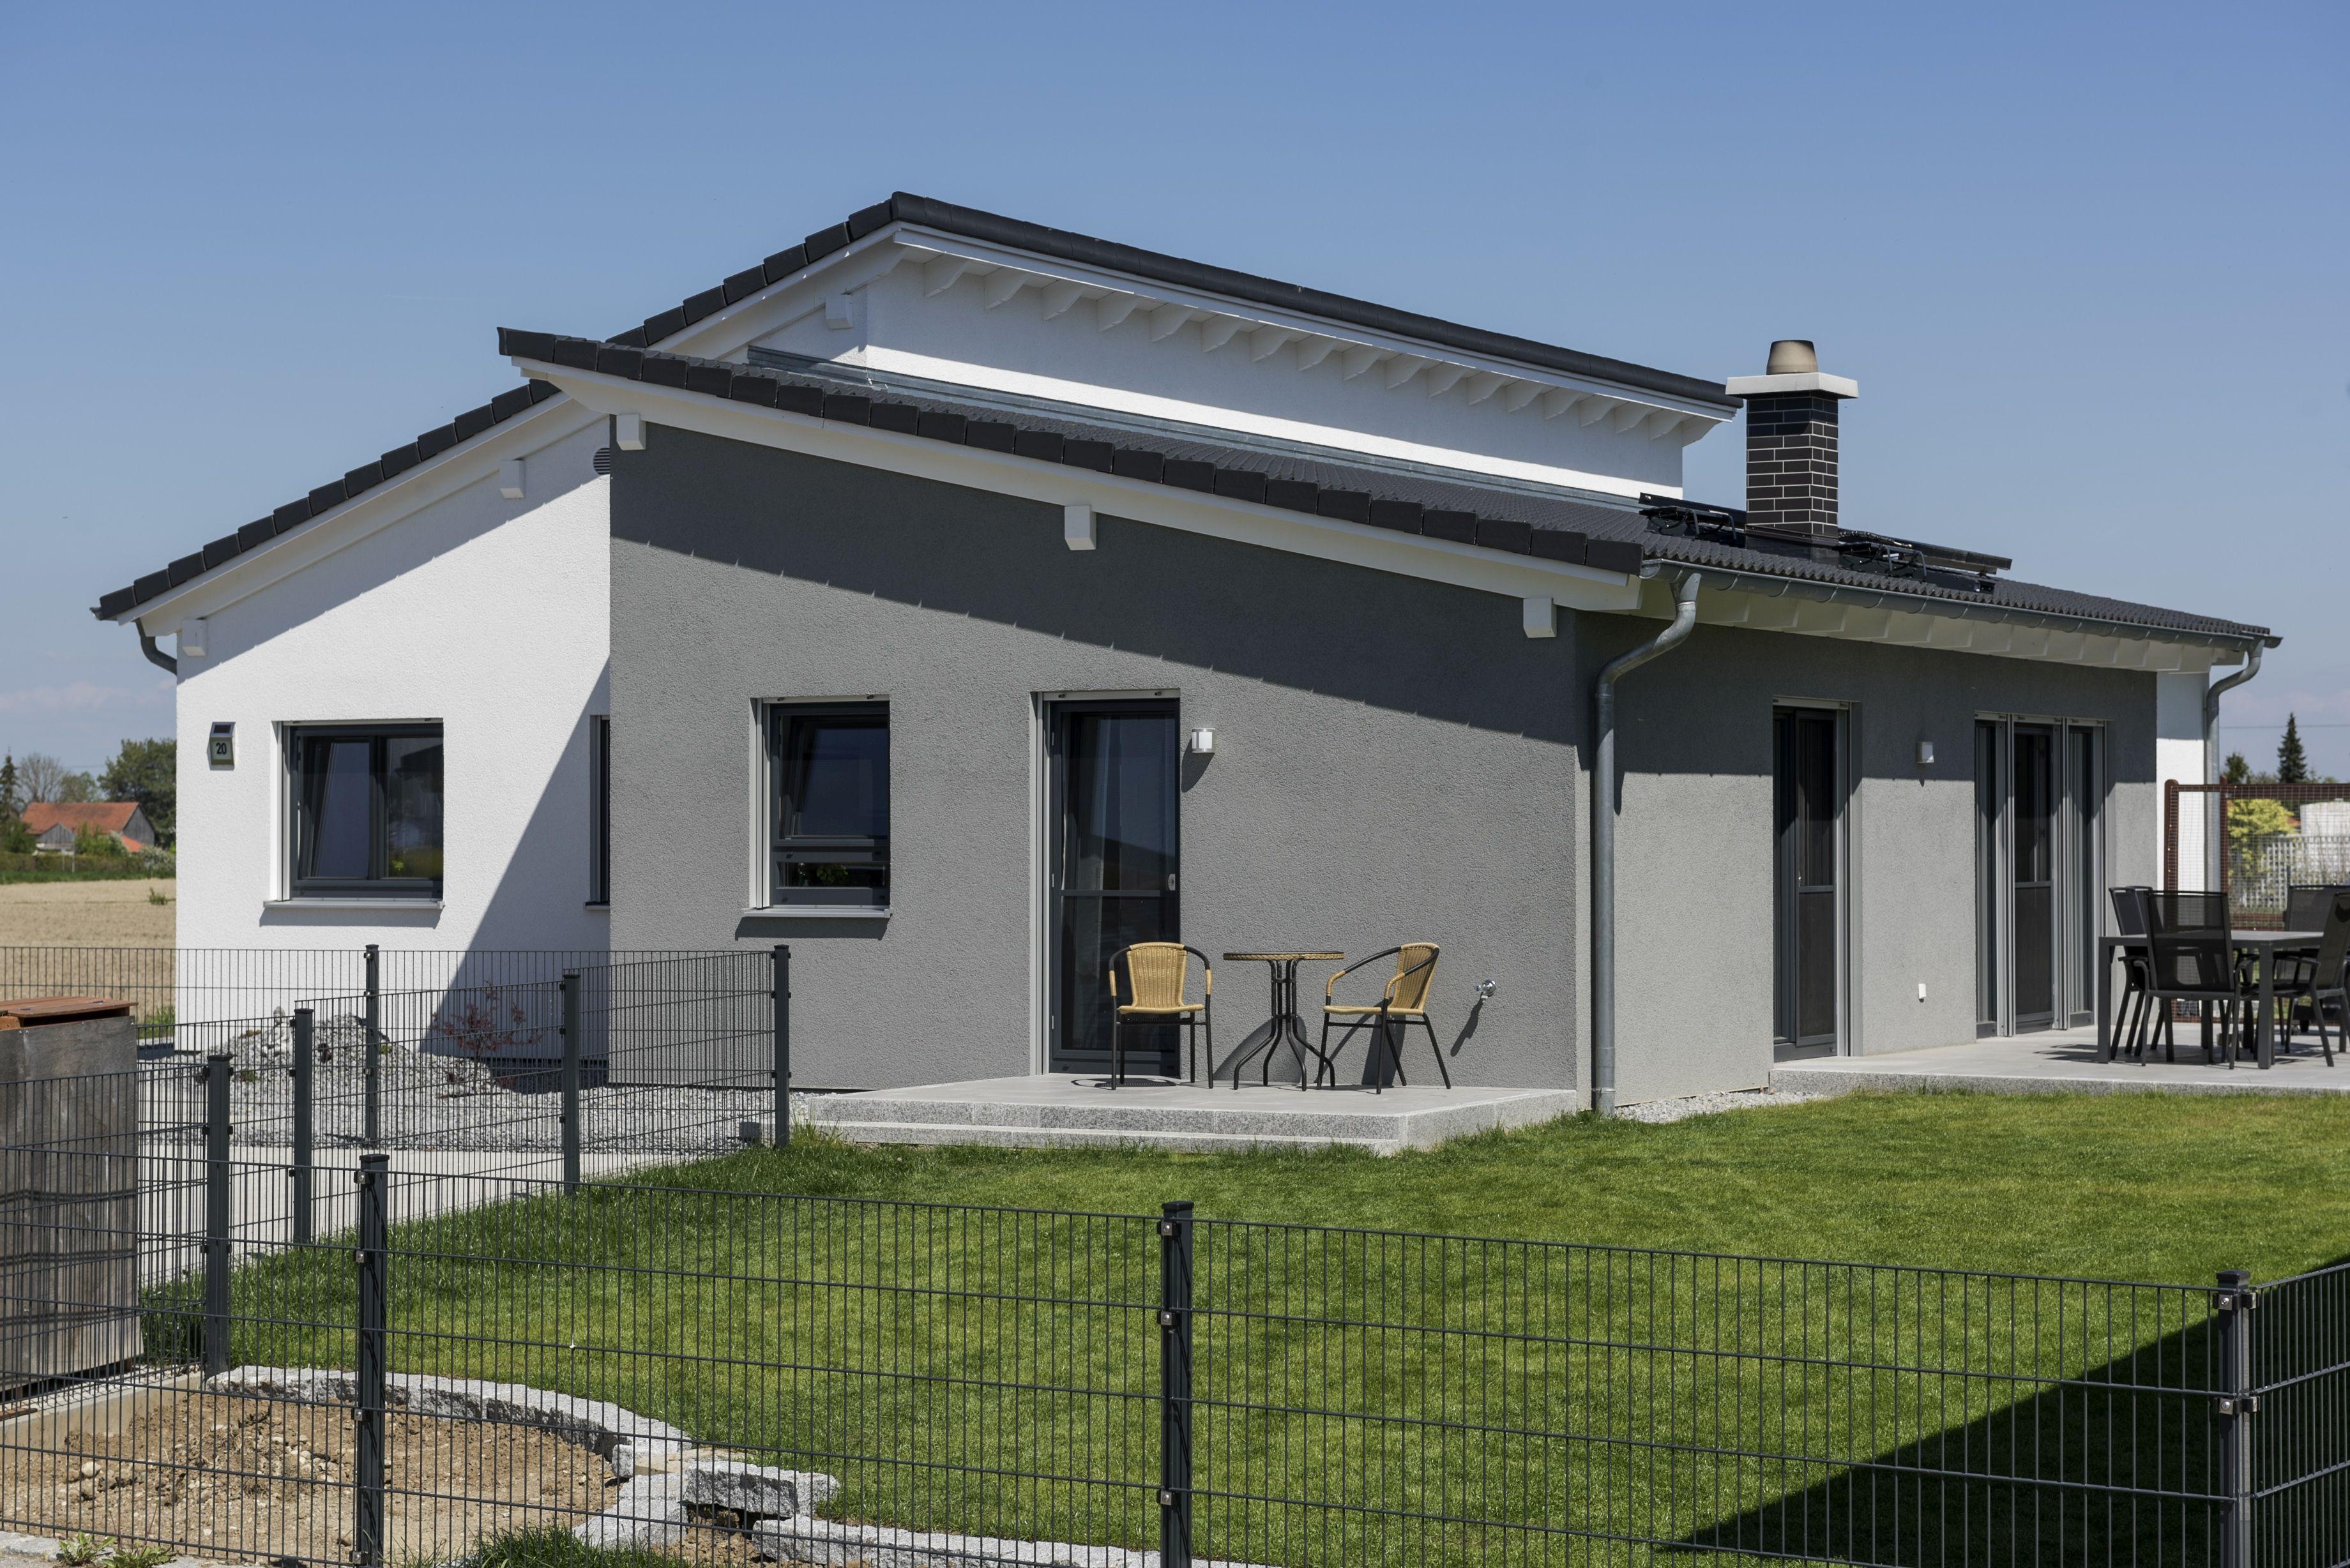 ein versetztes pultdach verleiht diesem bungalow ein modernes erscheinungsbild individuell. Black Bedroom Furniture Sets. Home Design Ideas